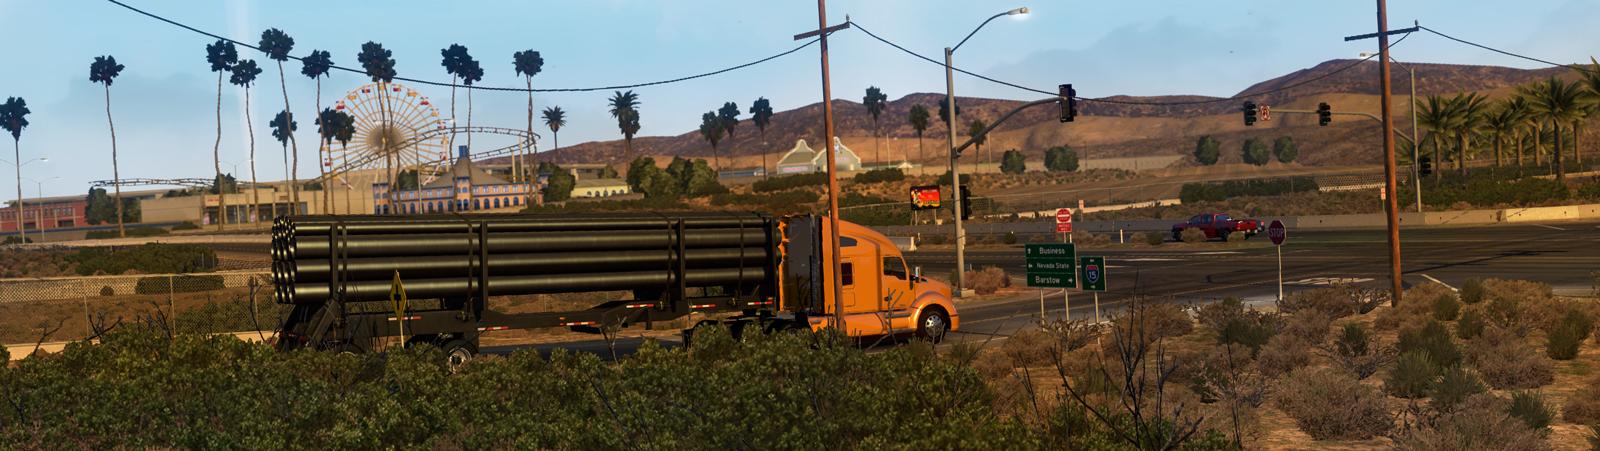 Aggiornamento 1.14 di Euro Truck Simulator 2 ormai imminente e nuovi screenshot da American Truck Simulator 001